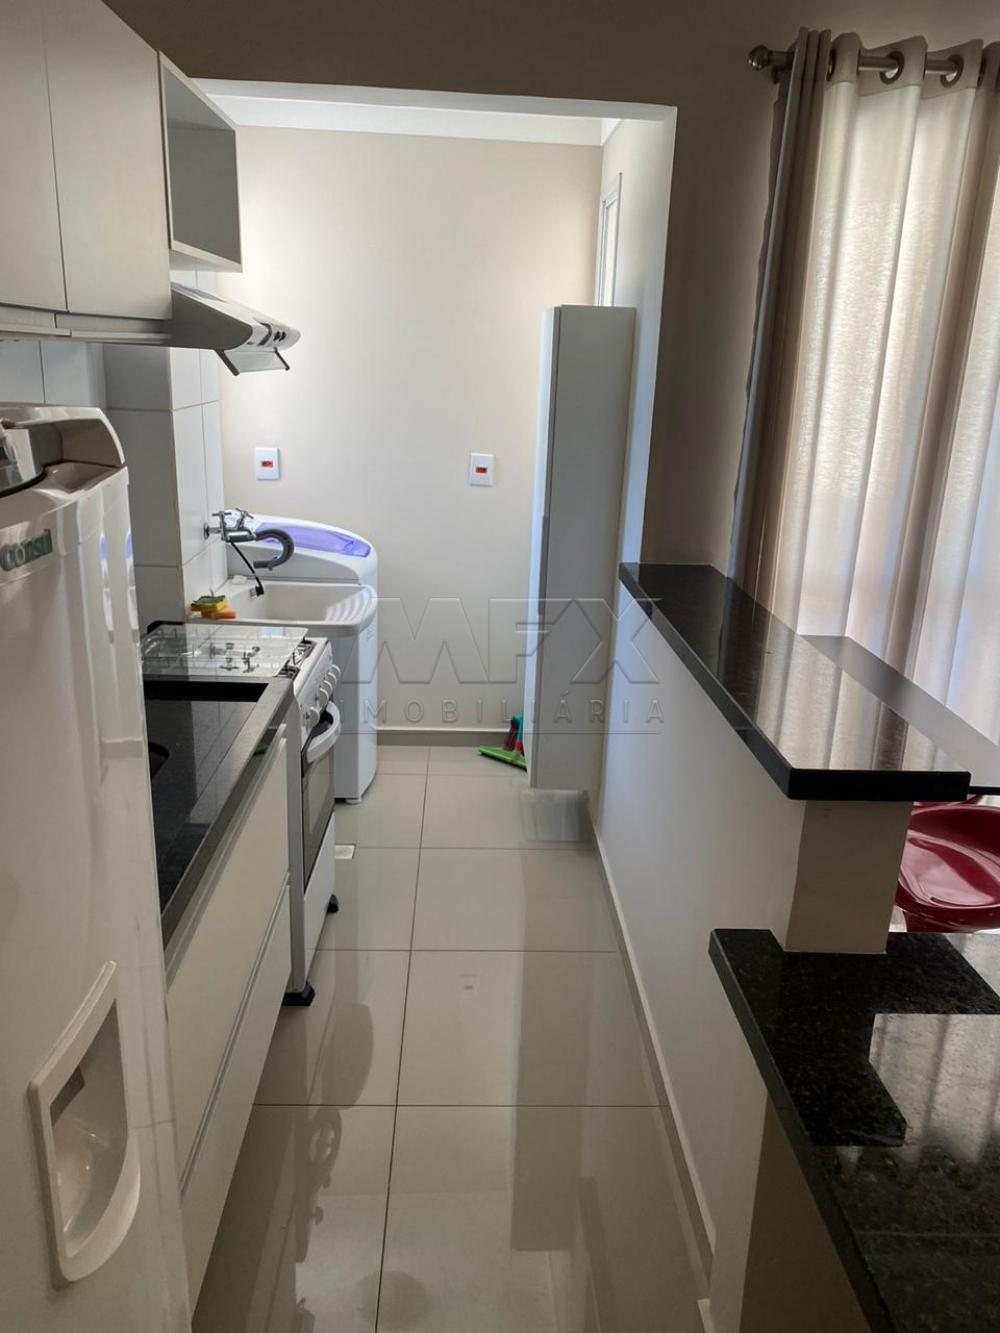 Alugar Apartamento / Padrão em Bauru apenas R$ 1.300,00 - Foto 3